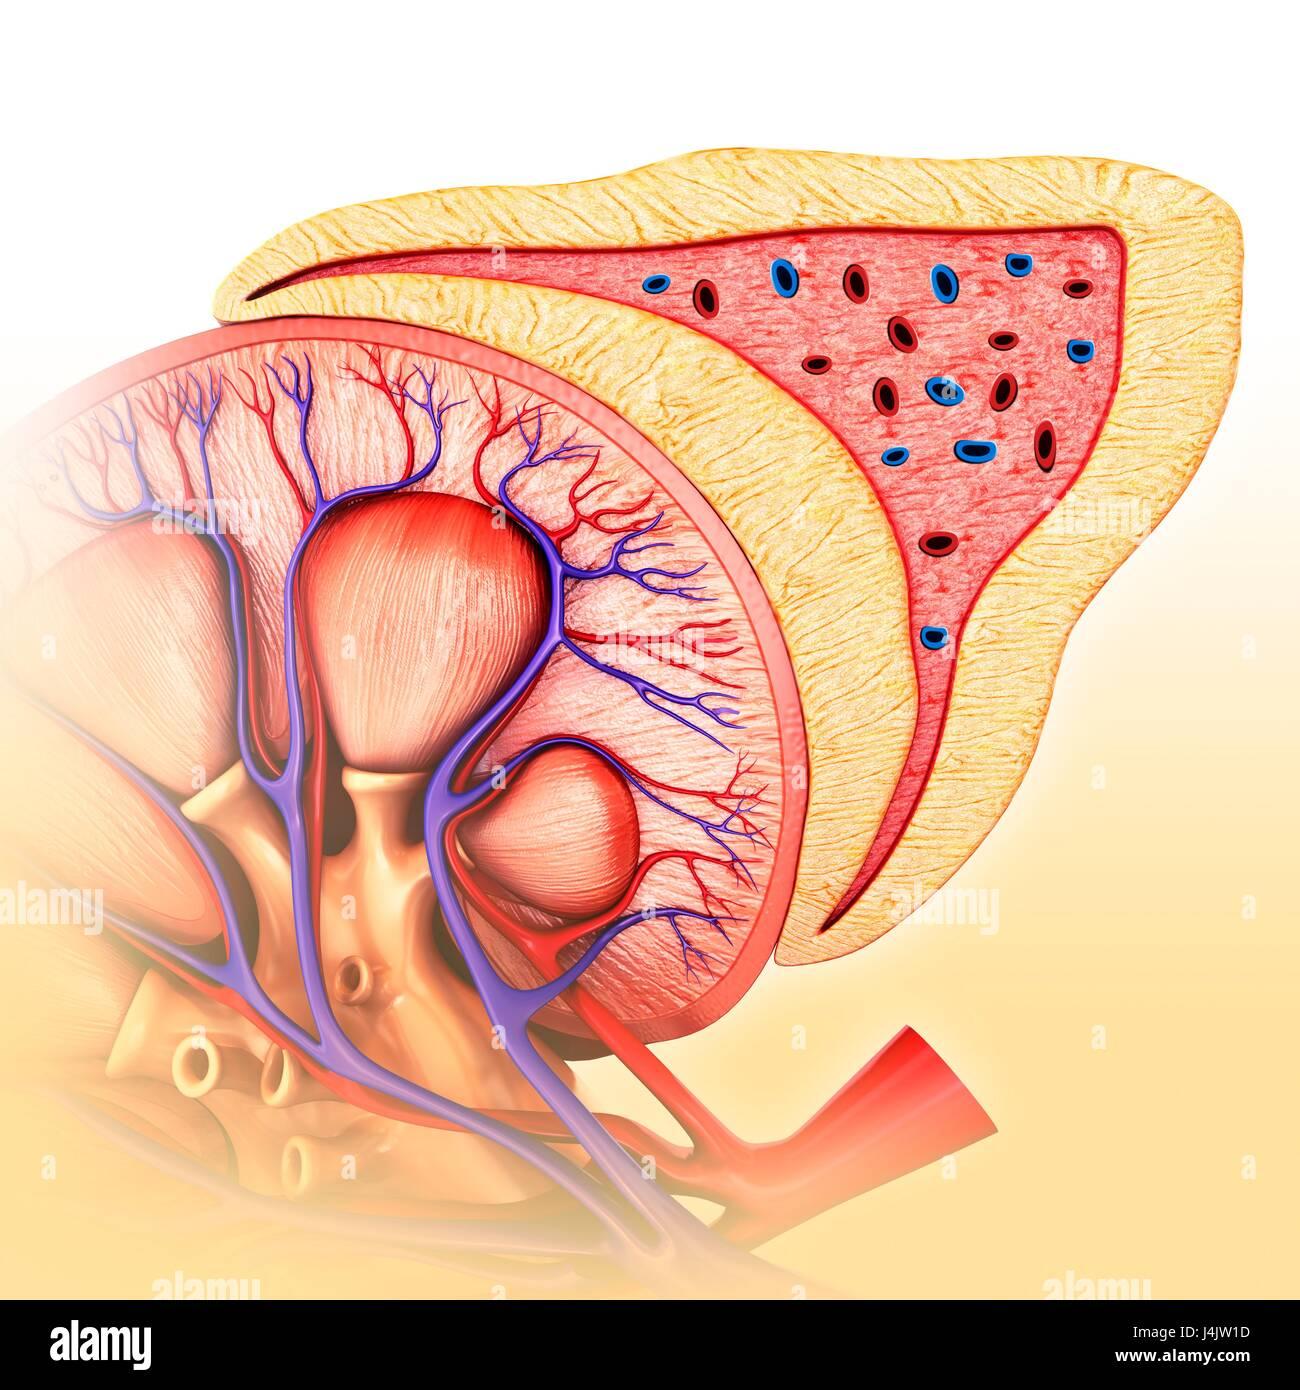 Illustration von Niere und Nebenniere Anatomie Stockfoto, Bild ...